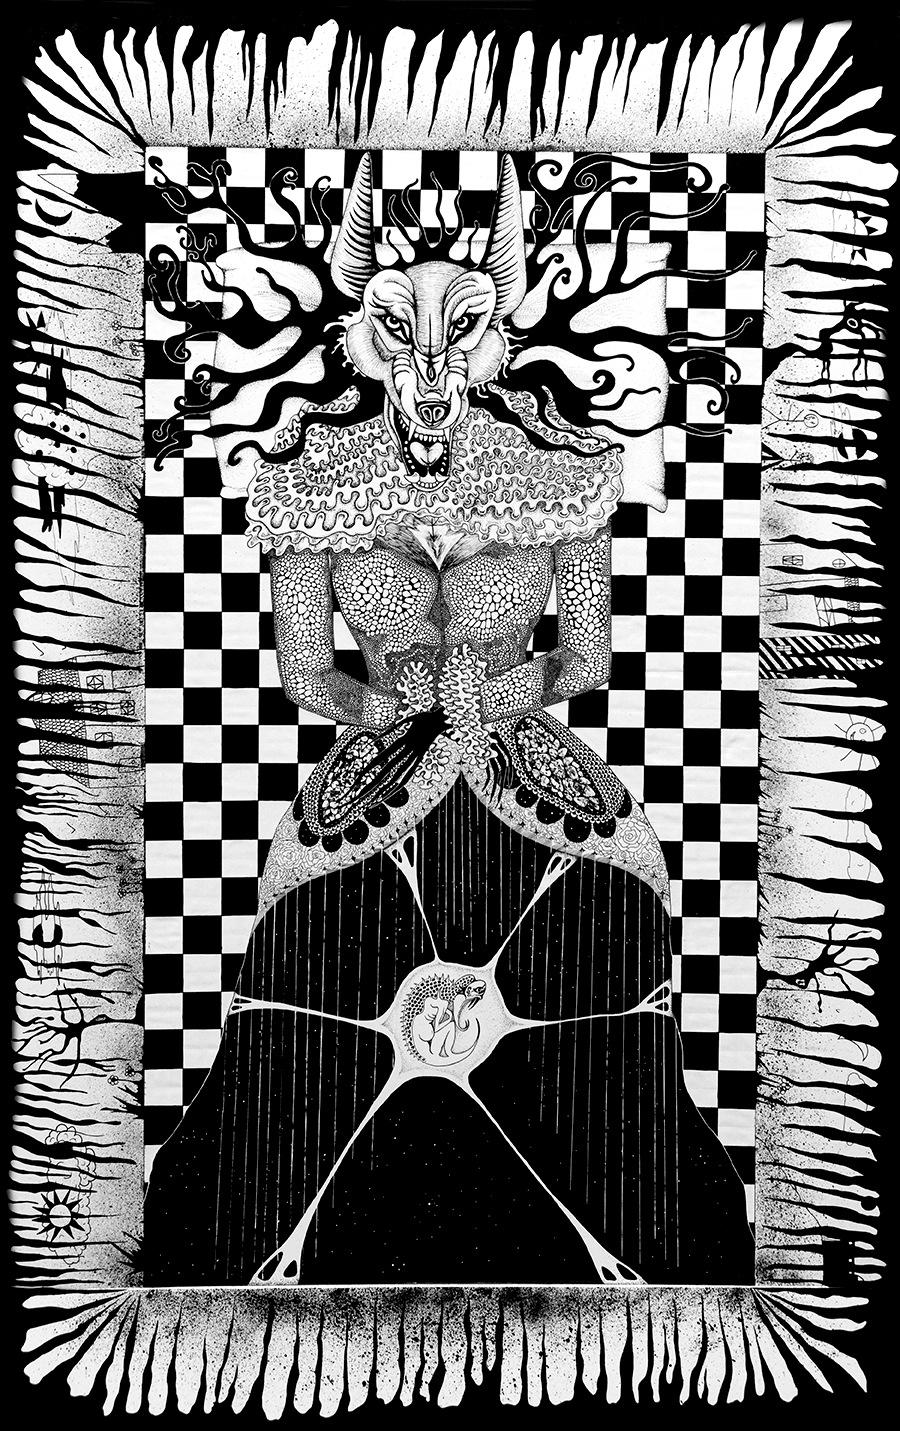 Léa Barrier - Opium, encre sur carton plume, 100x70cm.